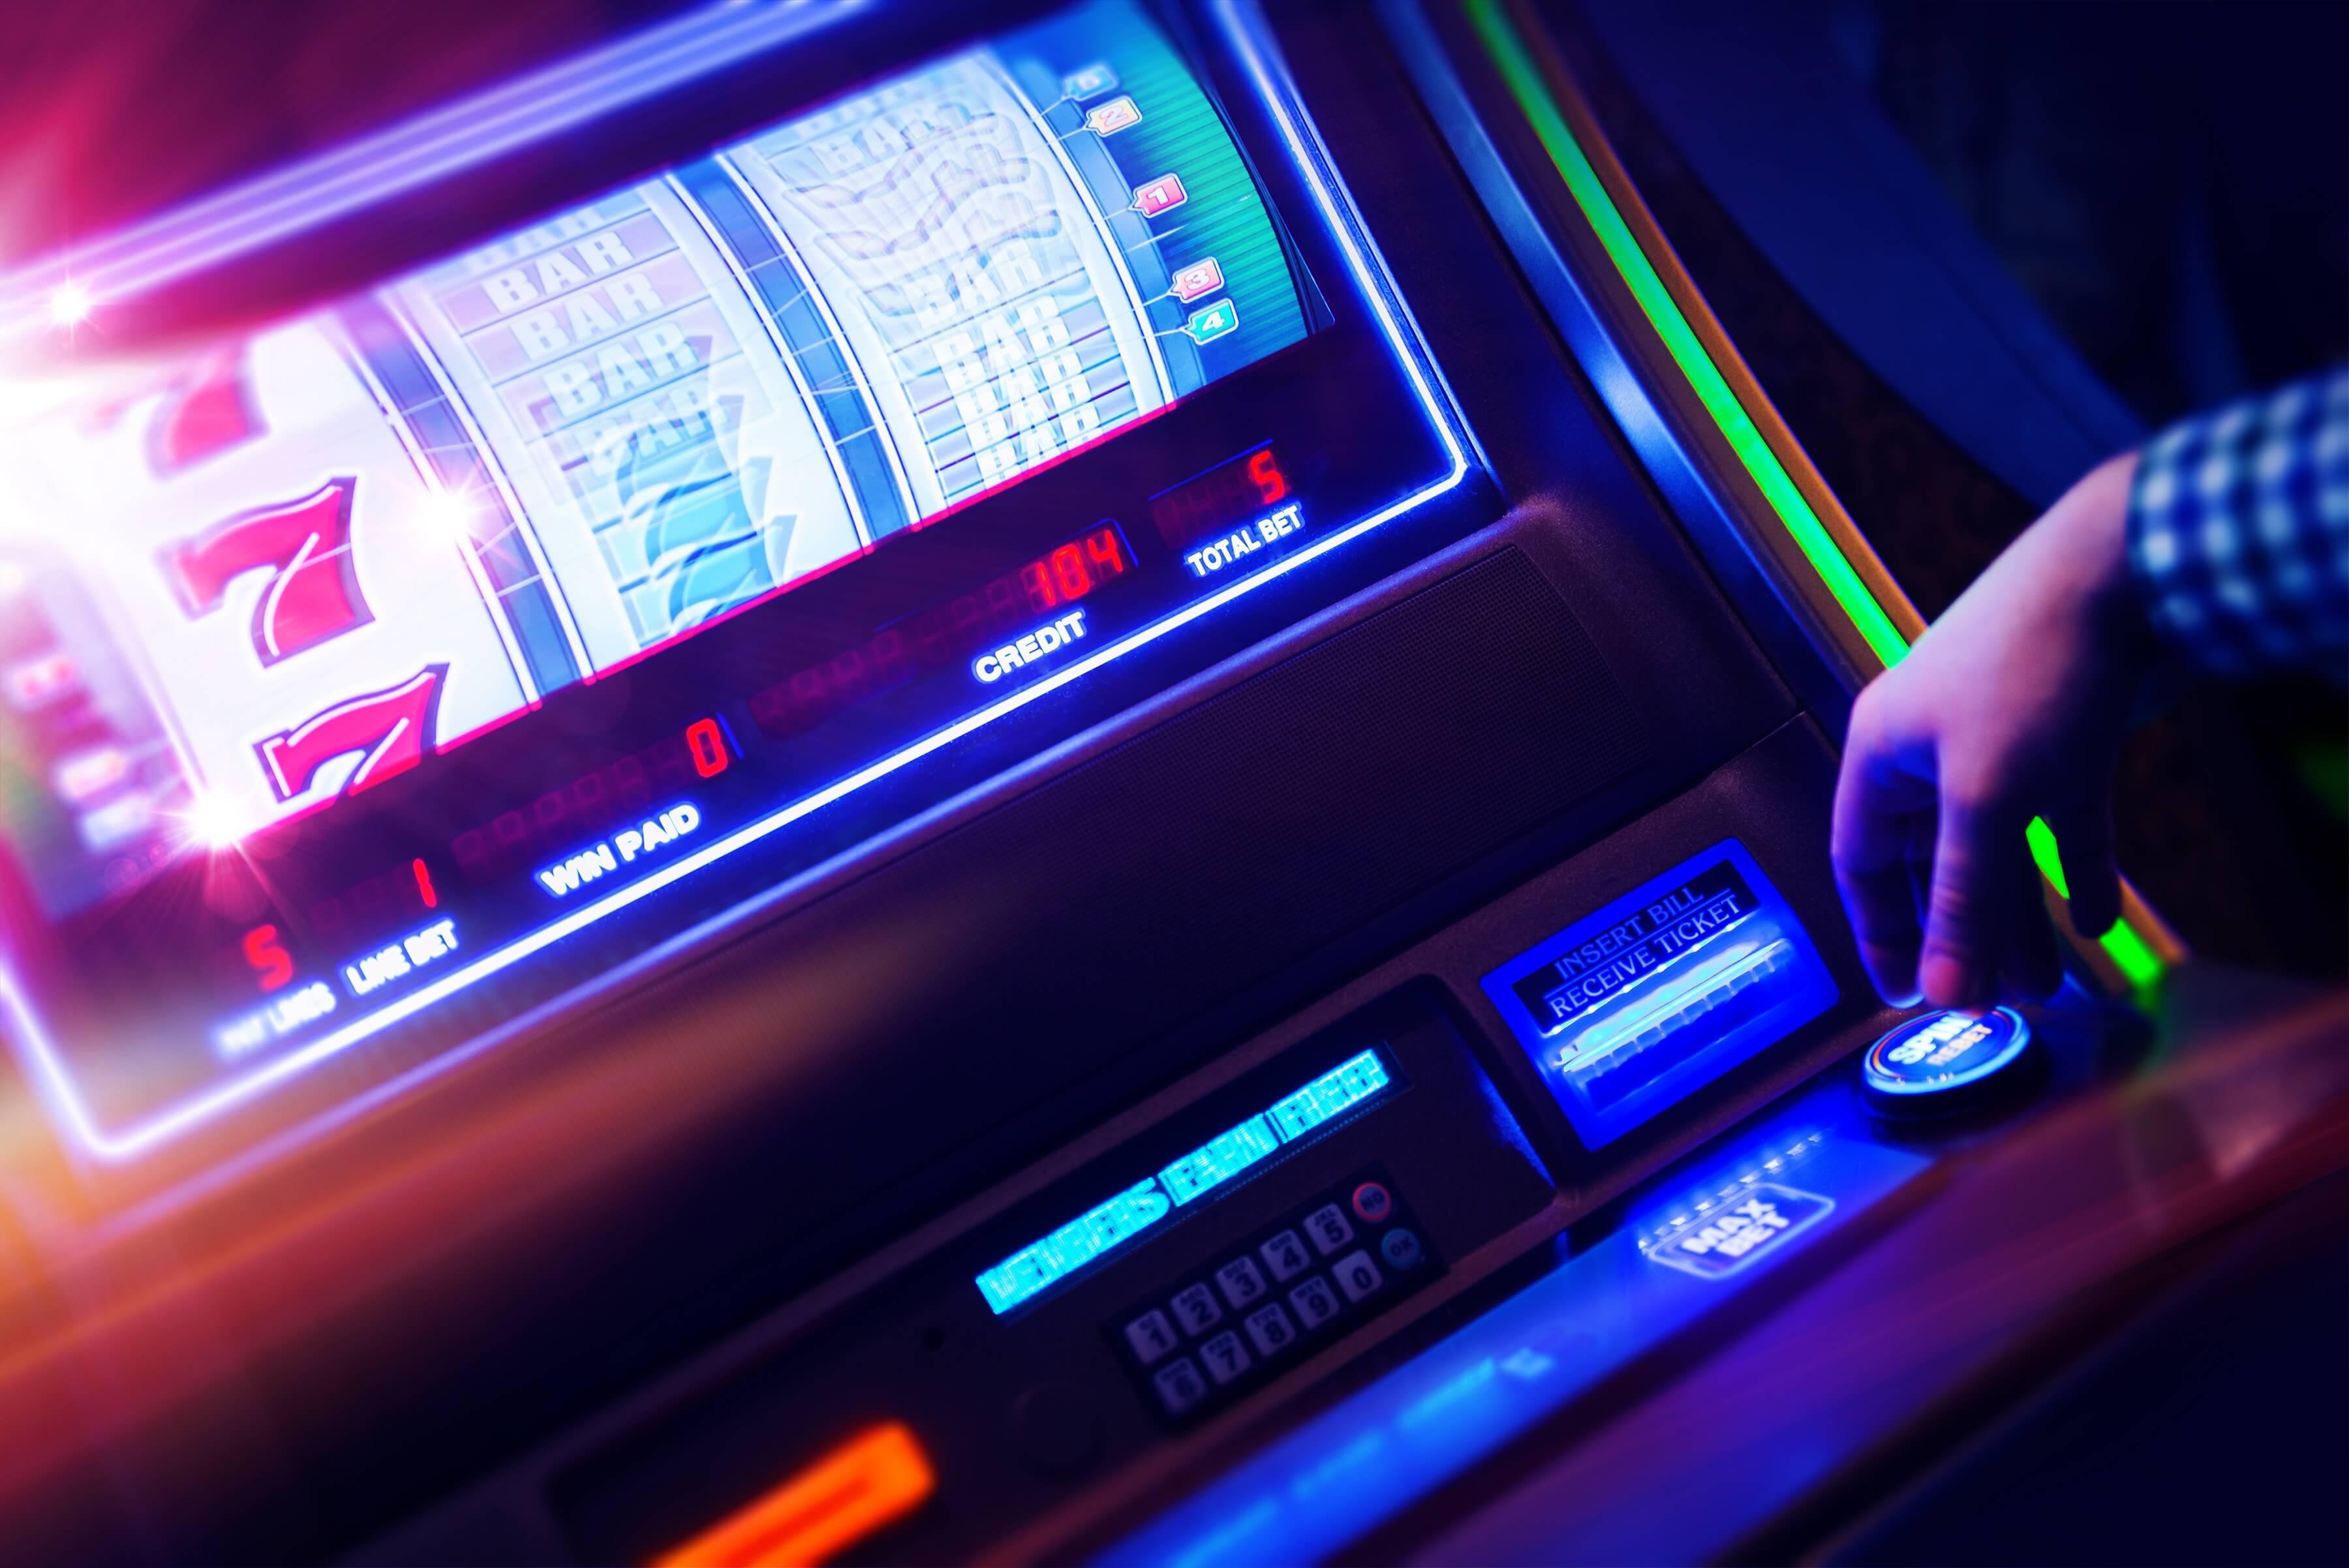 Jugar a la tragaperras gratis en casinos online